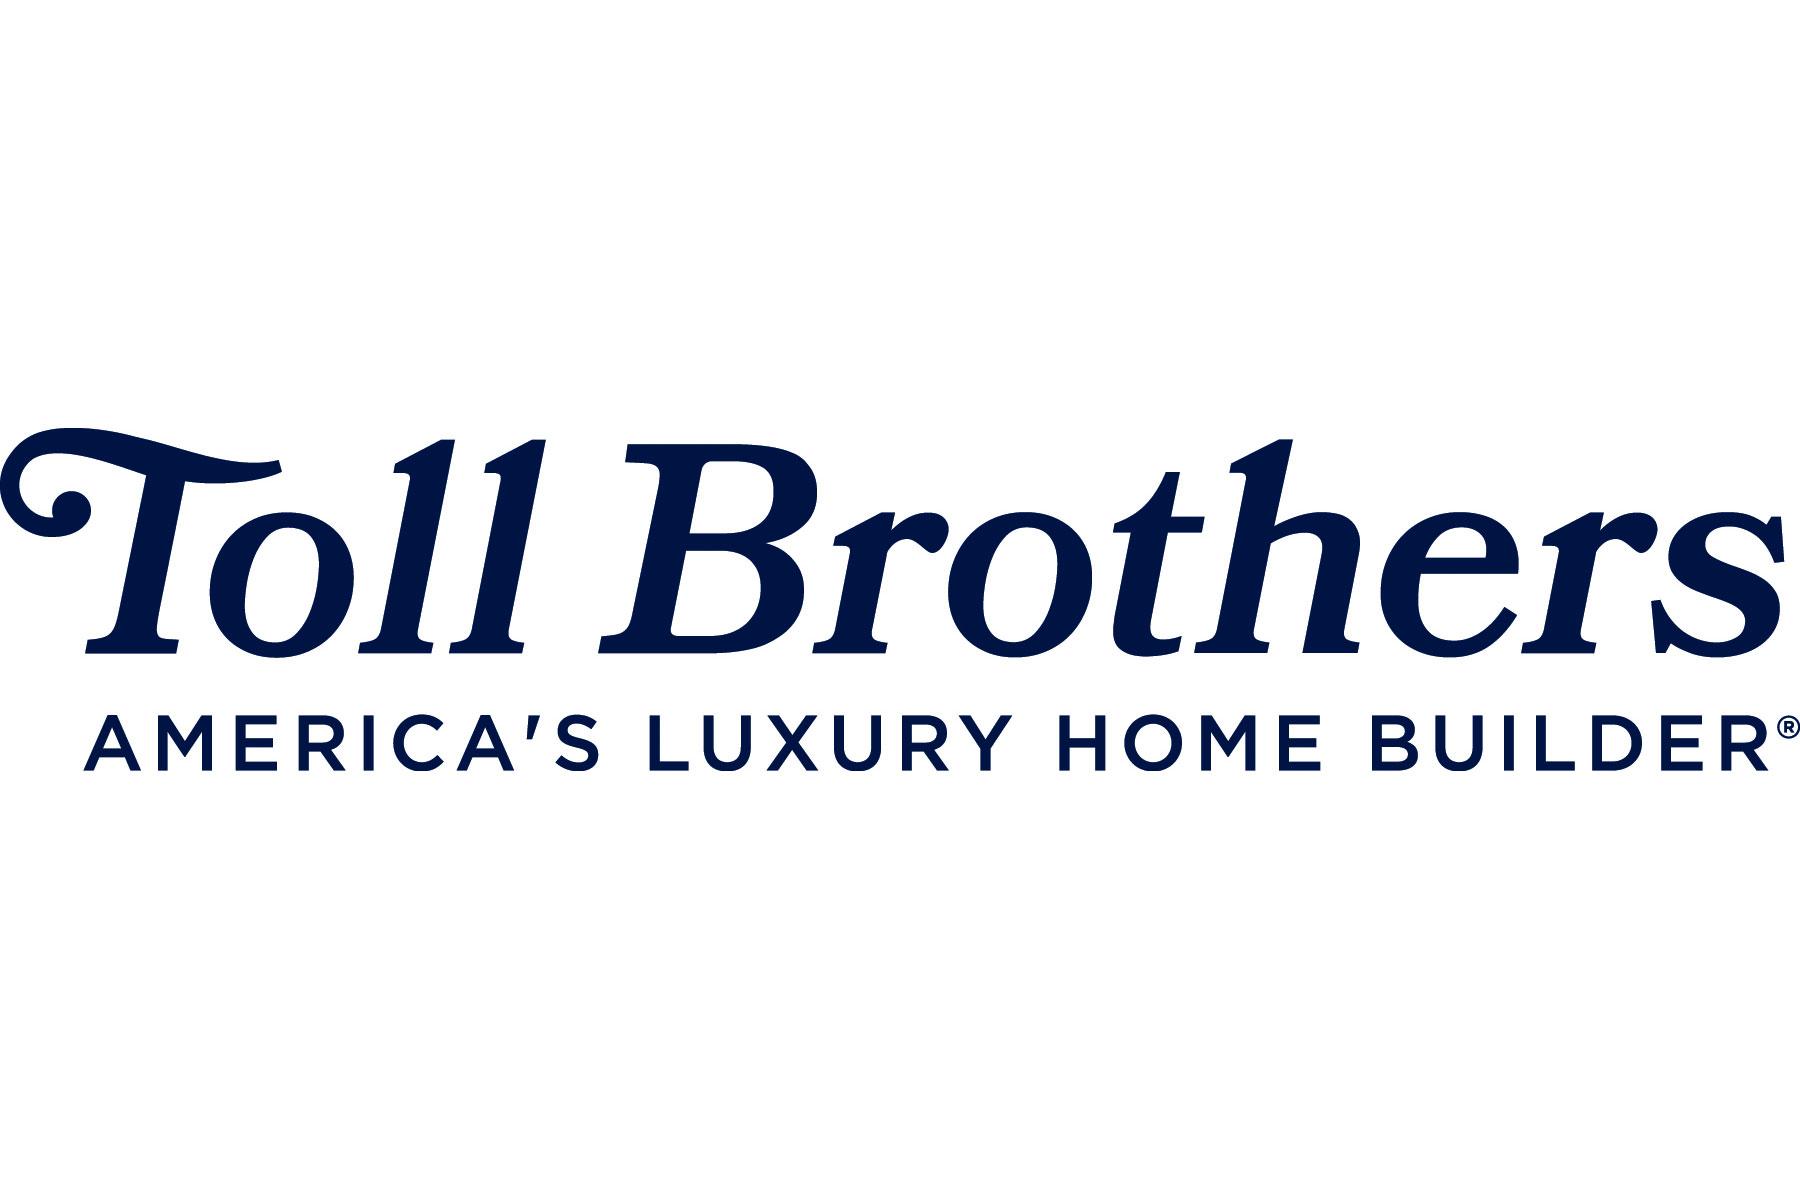 TollBrothersLogo.jpg